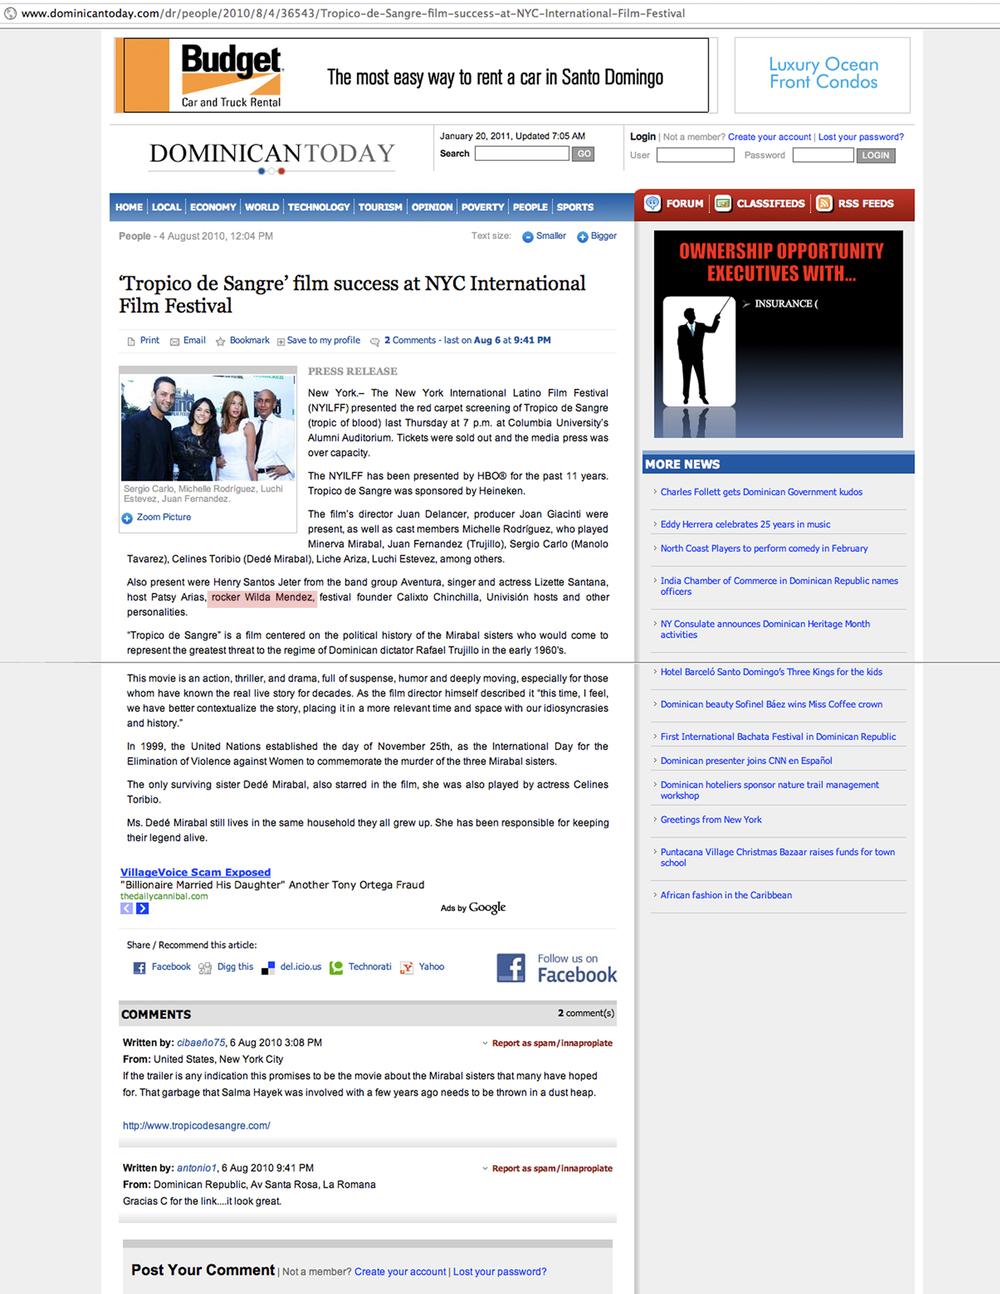 Wilda Mendez_Tropico de sangre Dominicanotoday_071910.jpg